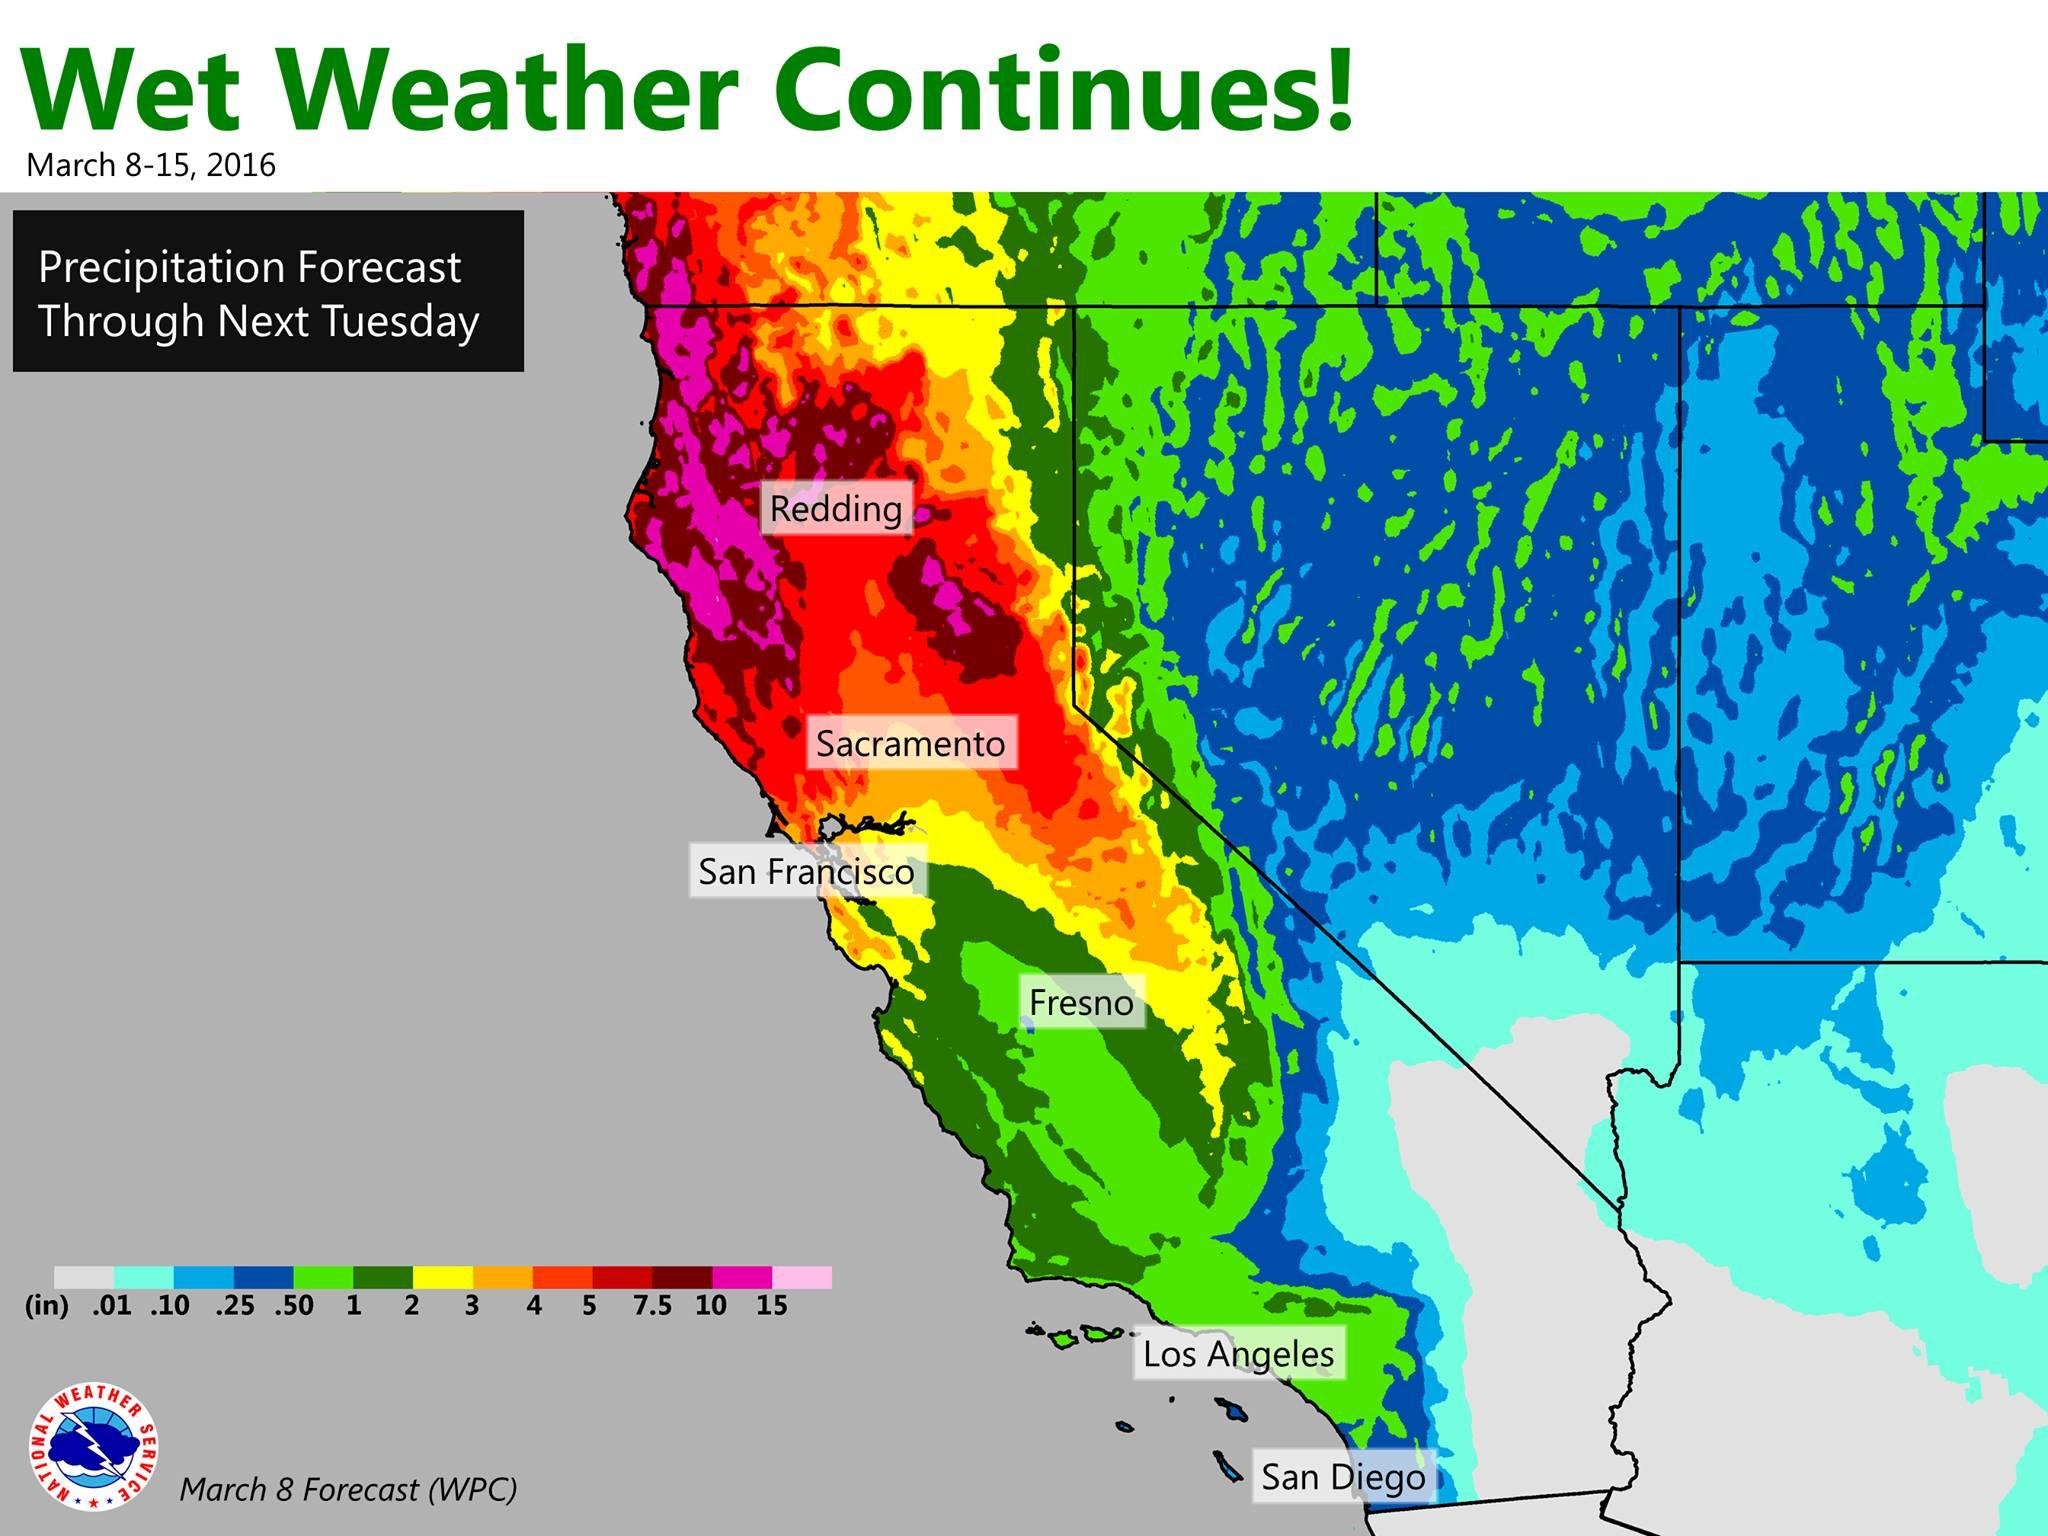 O Maps Of California California Weather Forecast Map - Klipy - California Weather Map For Today